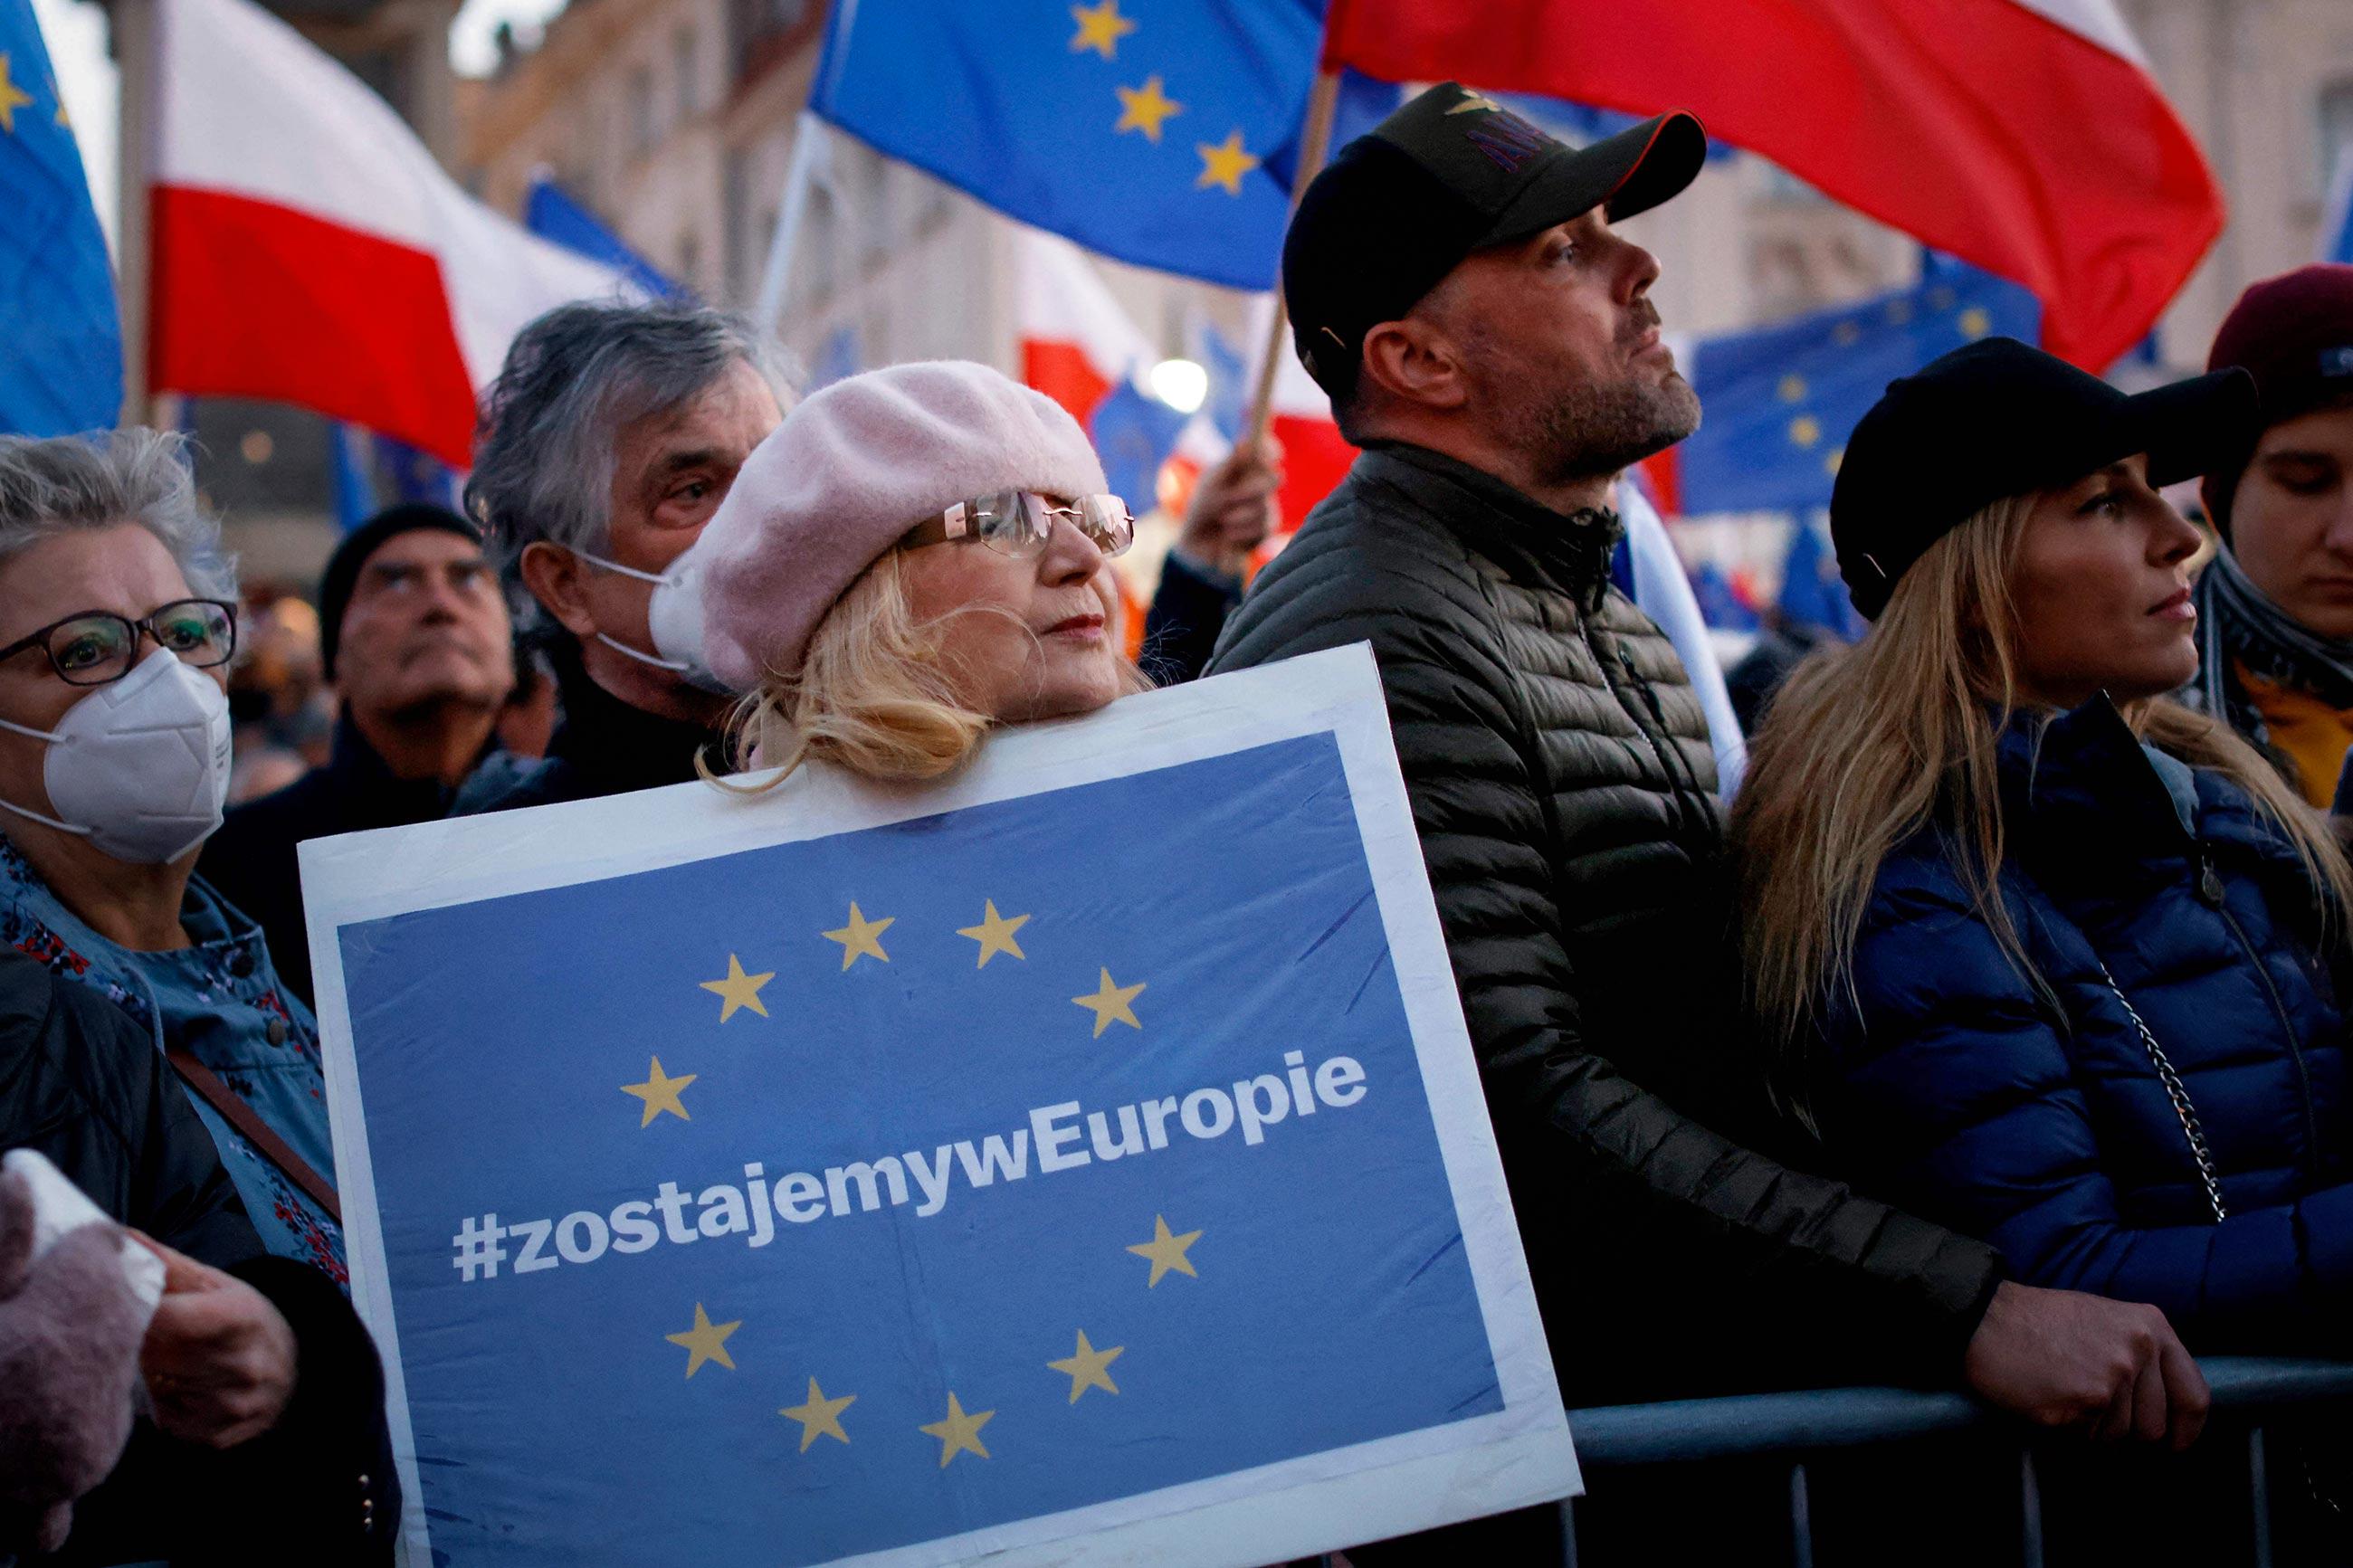 gettyimages 1235806807 - <b>Поляки протестуют против выхода из ЕС.</b> Журналистка Забороны в Польше объясняет, что происходит - Заборона